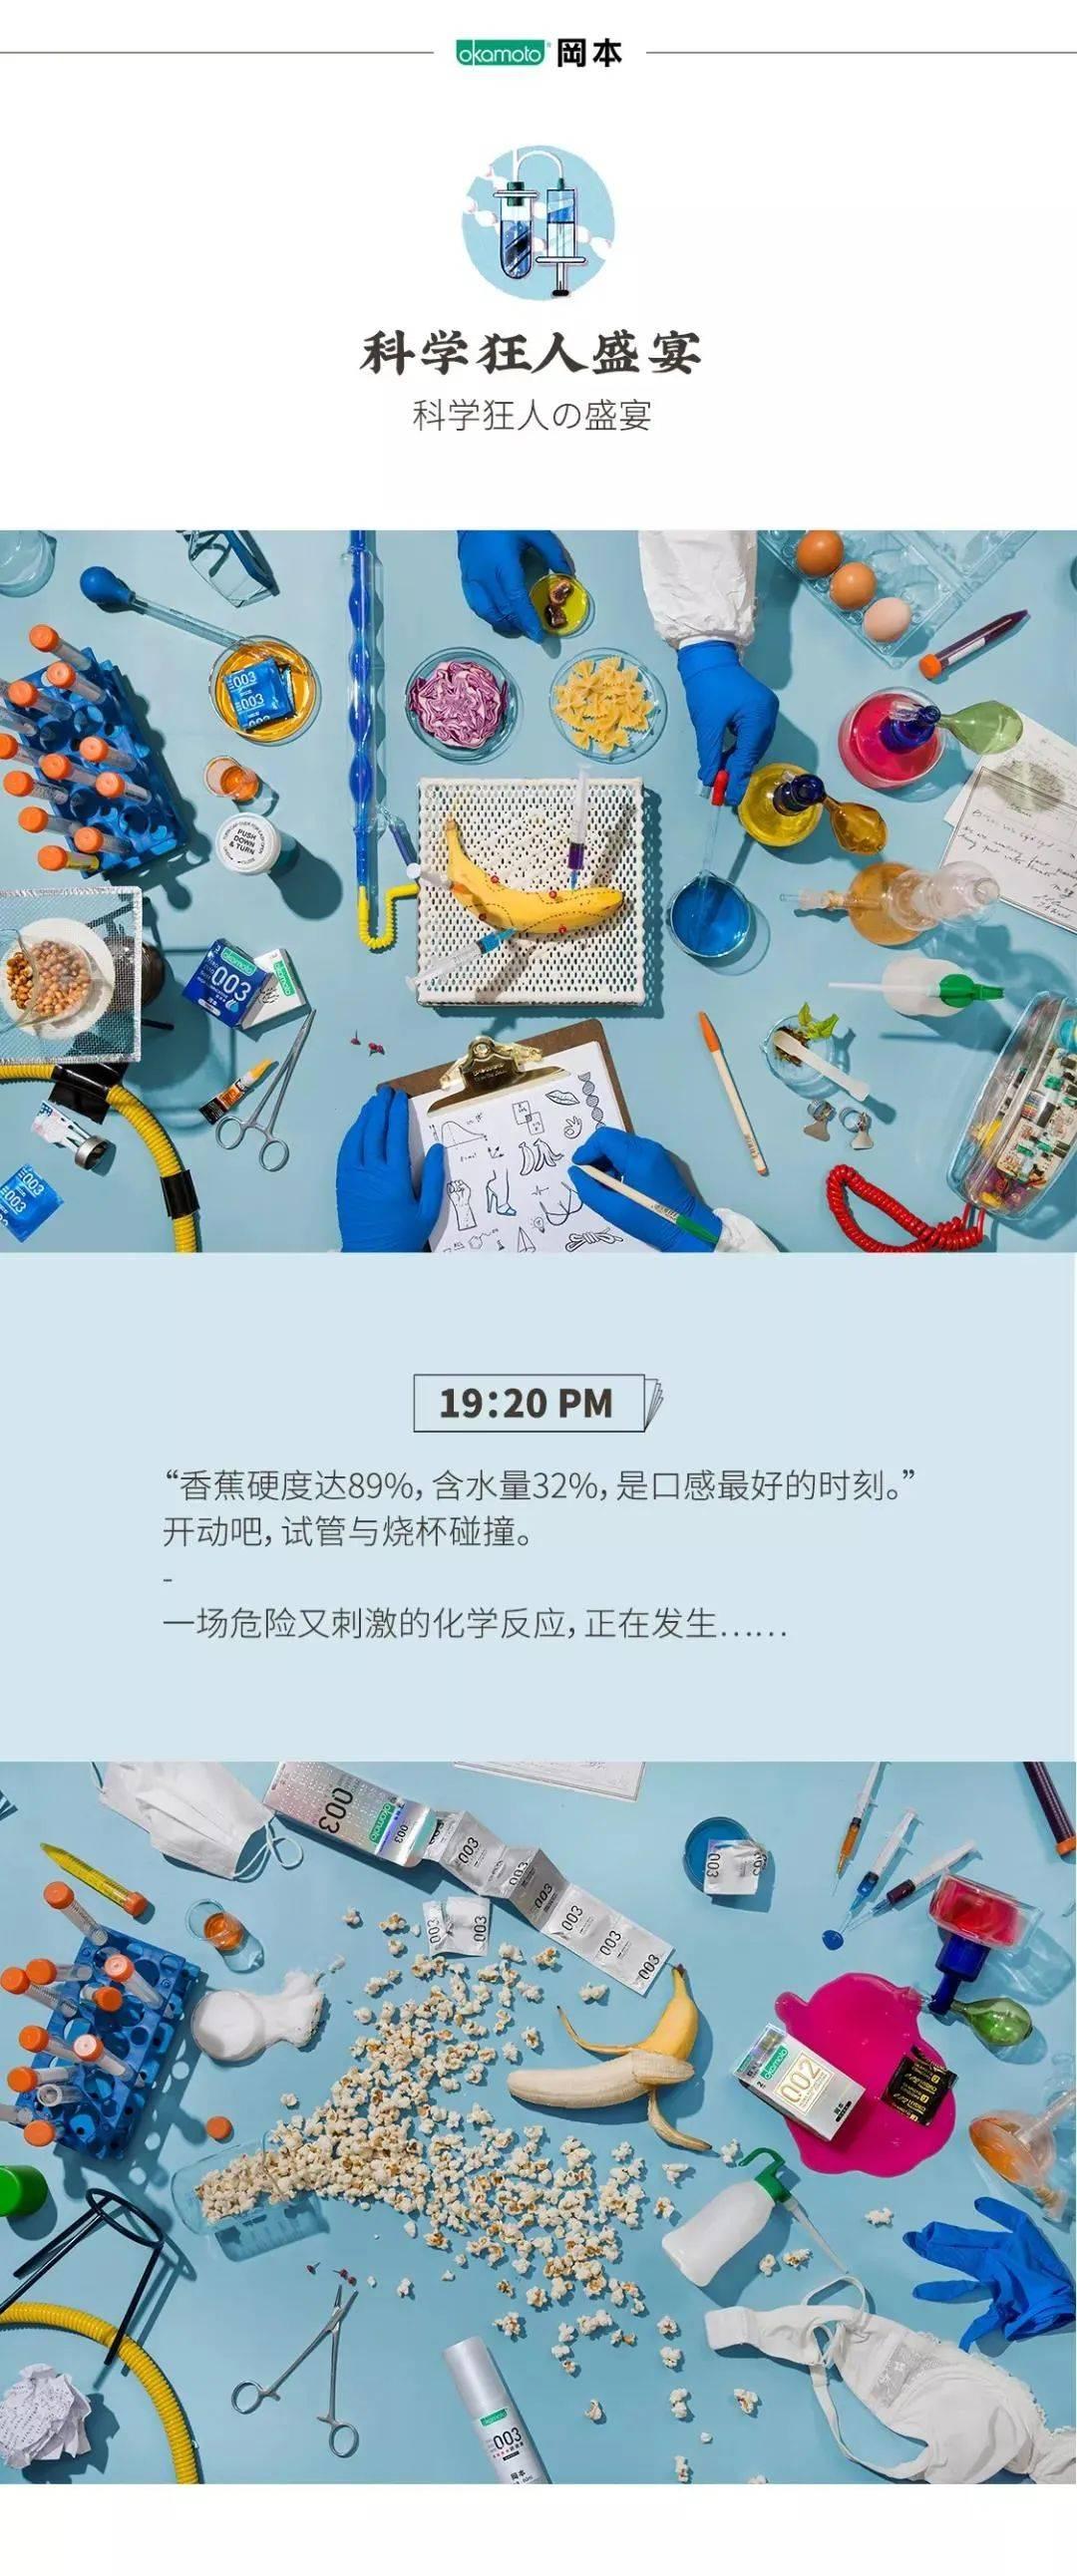 亚洲AV无码专区首页,广告文案,品牌头版,冈本,文案风格,品牌文案